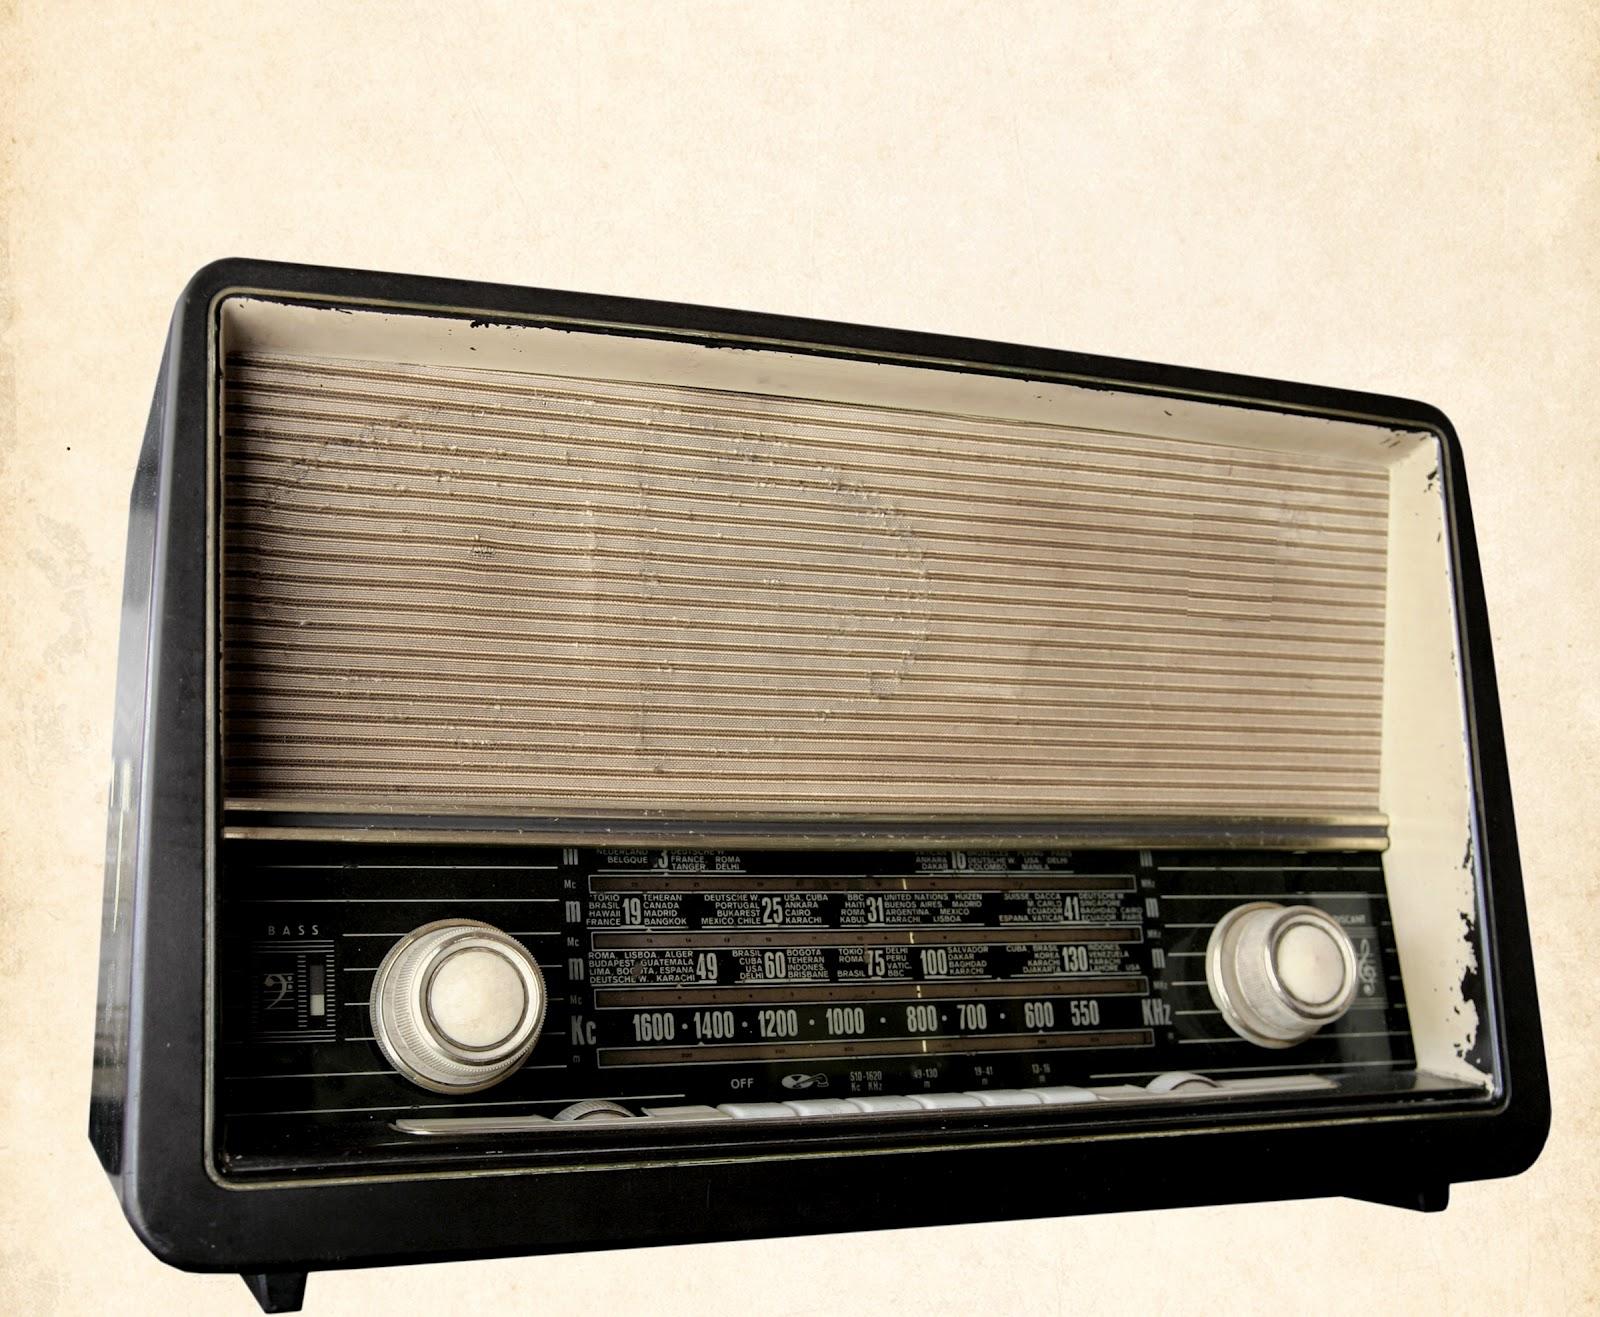 comment faire l 39 argent vente annonces radio comment fait. Black Bedroom Furniture Sets. Home Design Ideas